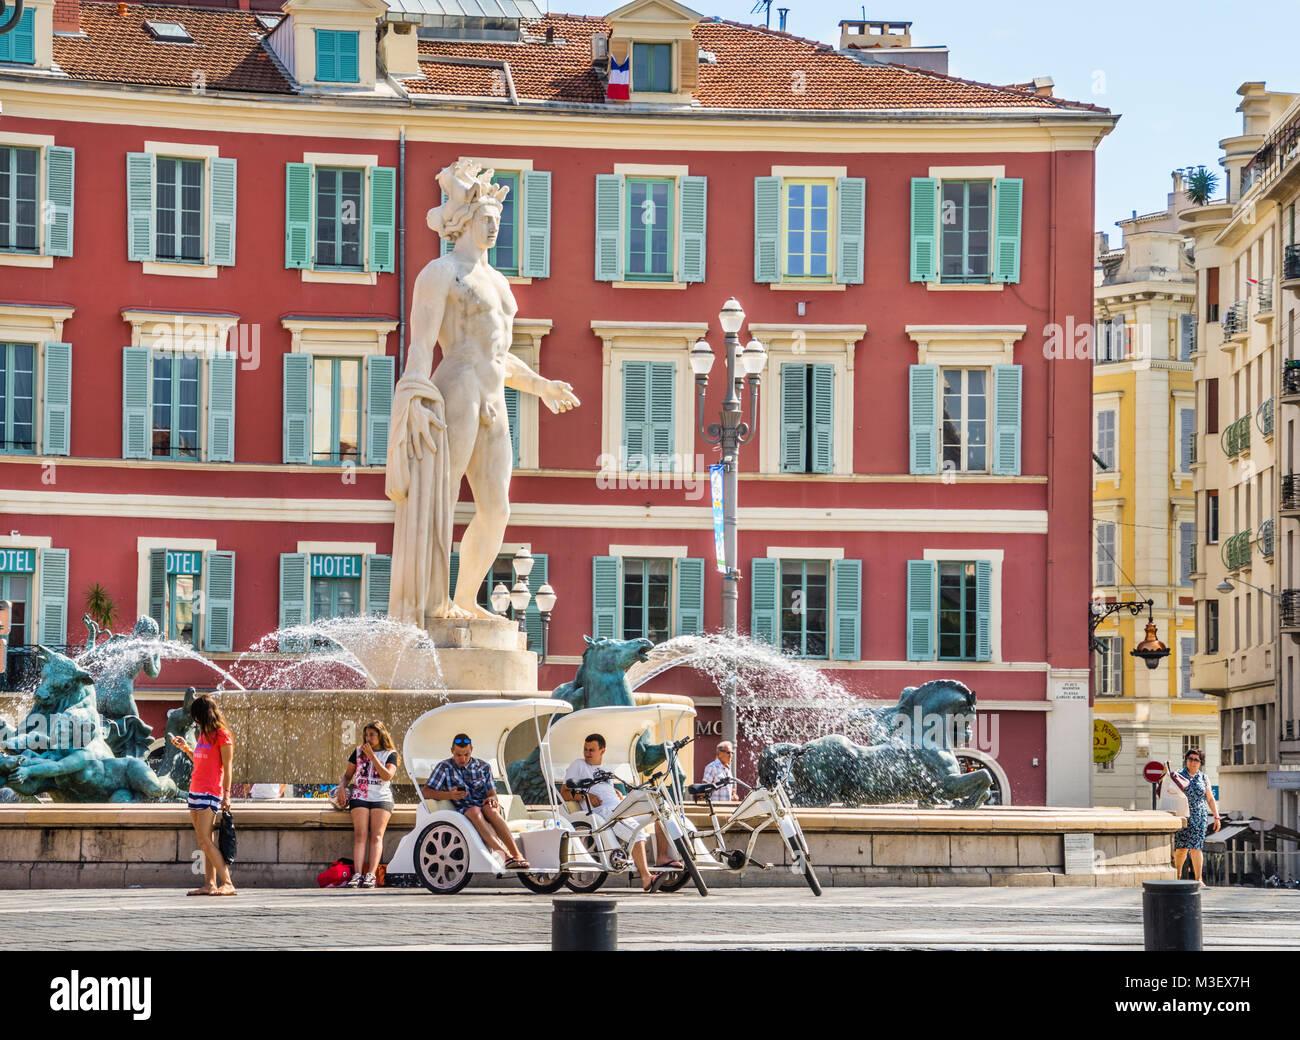 France, Alpes-Maritime department, Côte d'Azur, Nice, Fontaine du Soleil with Apollo statue on Place Masséna, - Stock Image